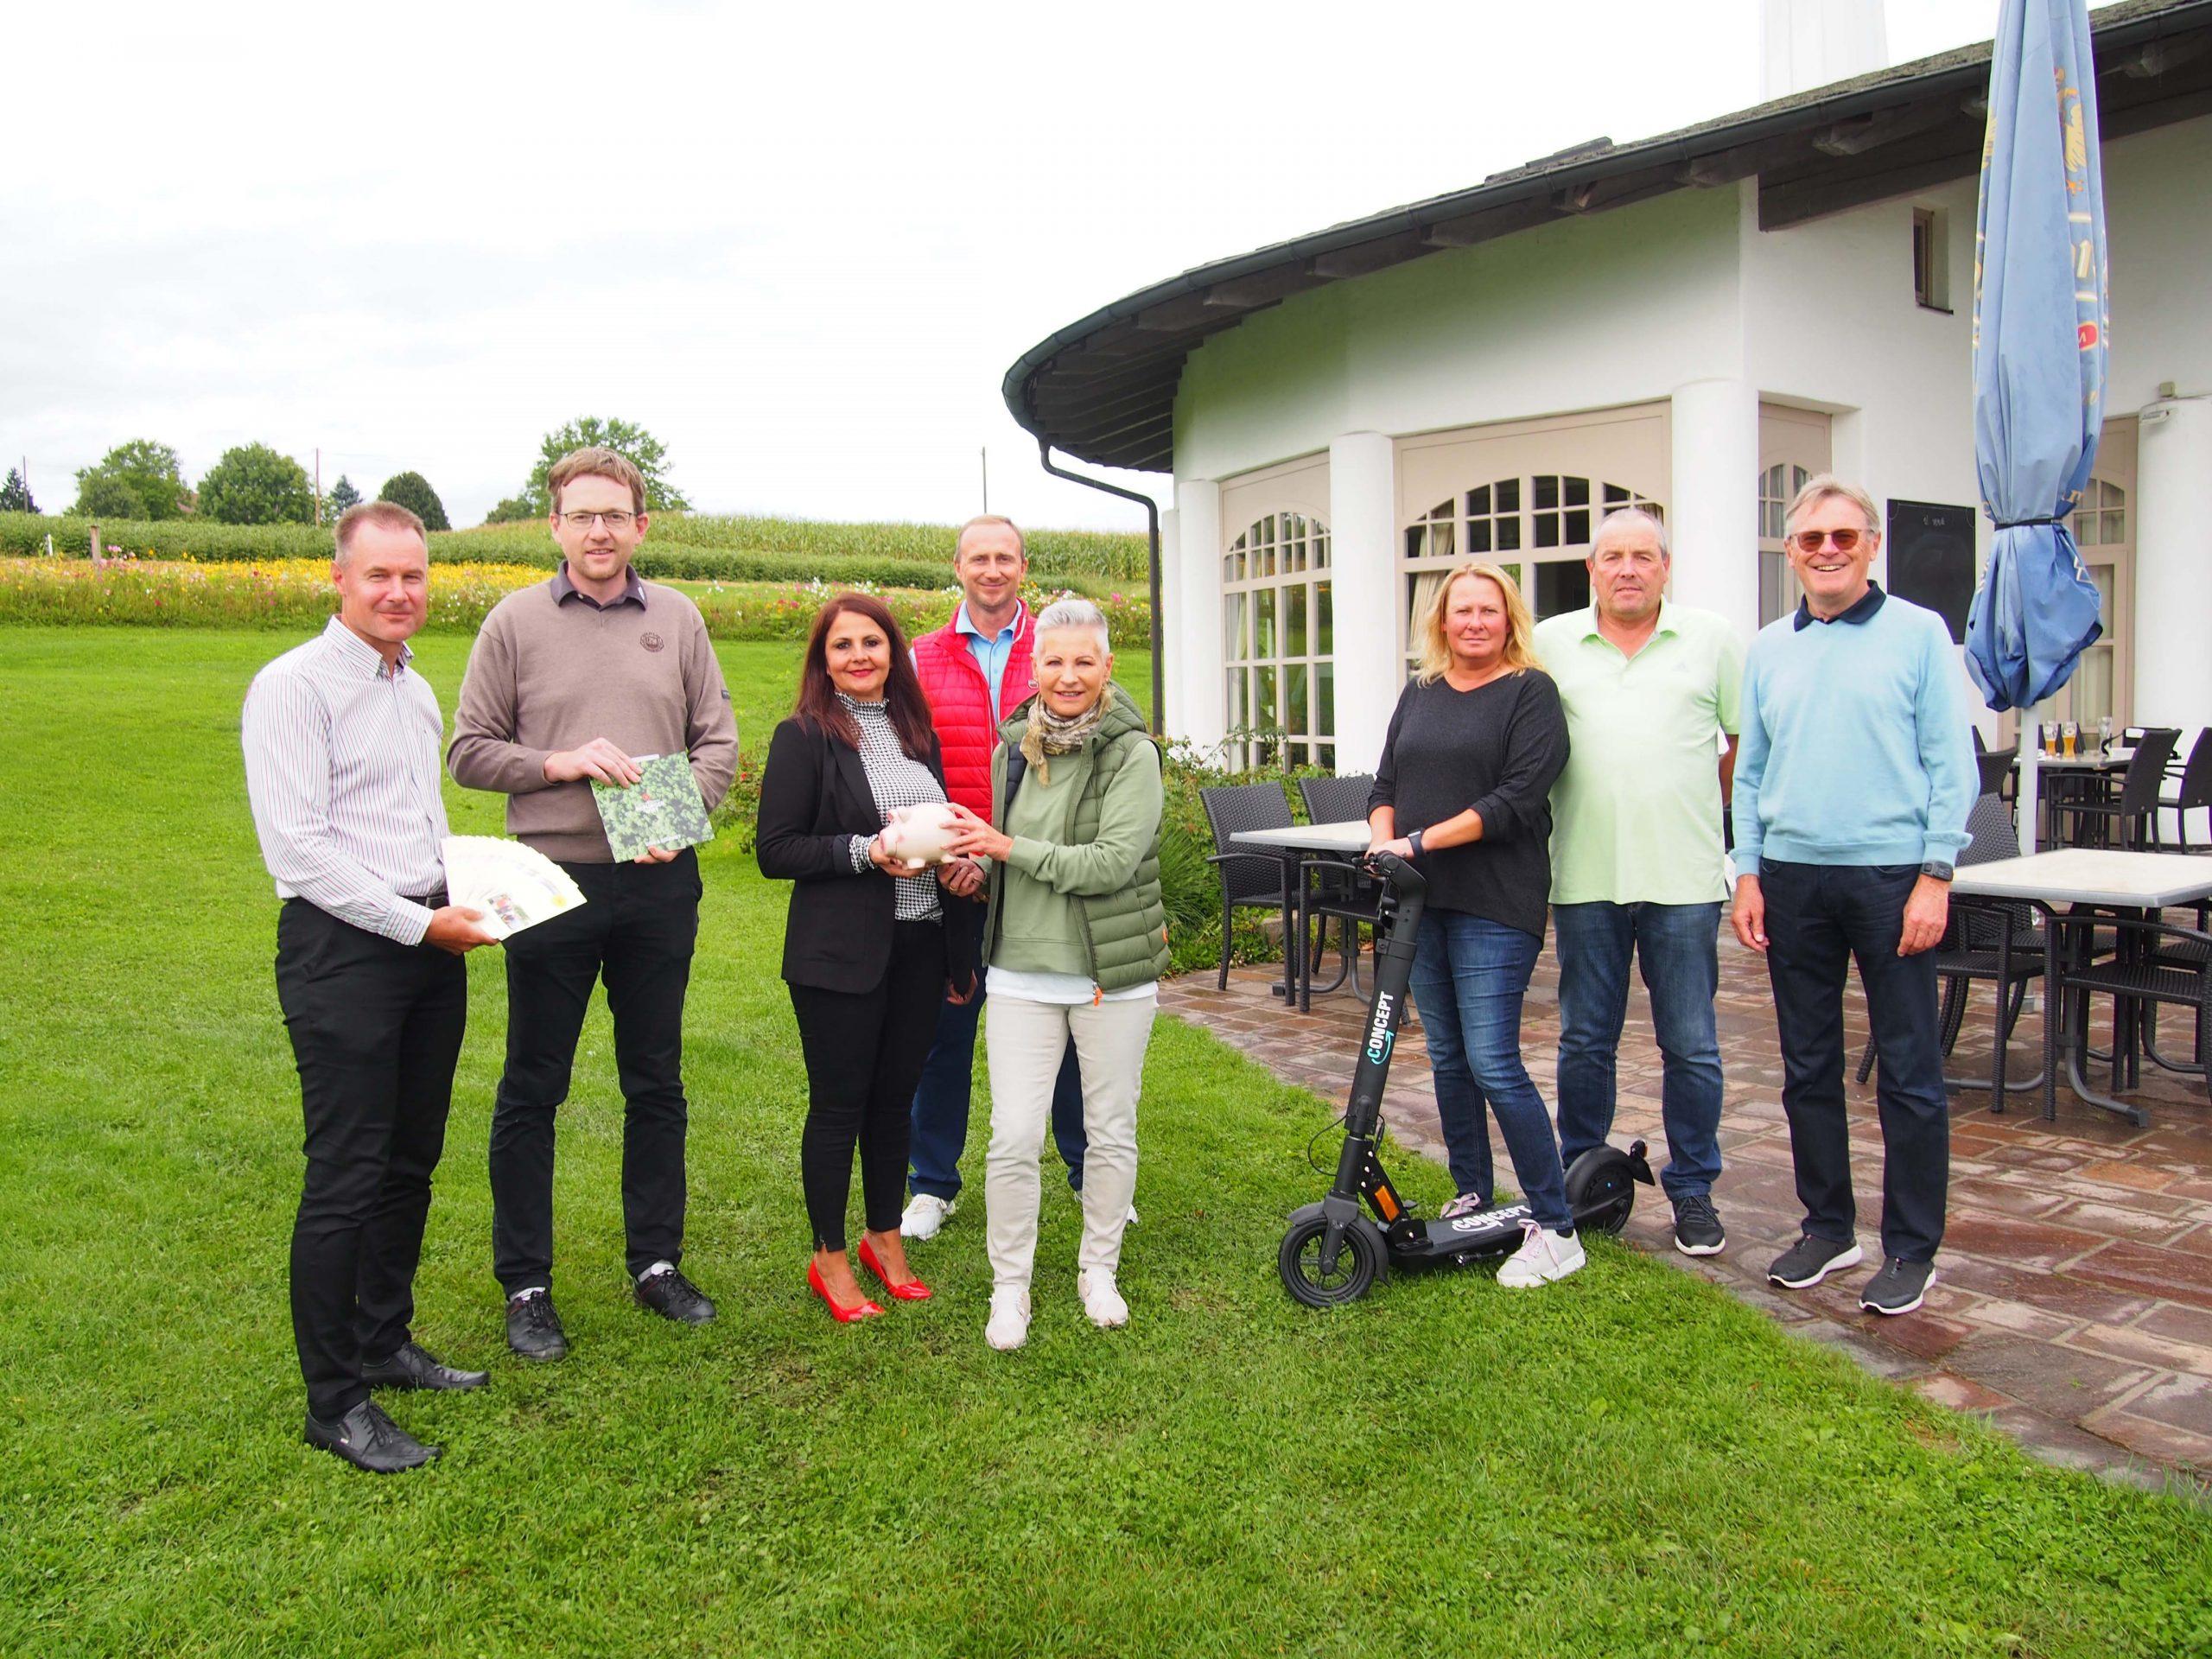 Golfclub Schloßberg am vergangenen Wochenende im Dauereinsatz